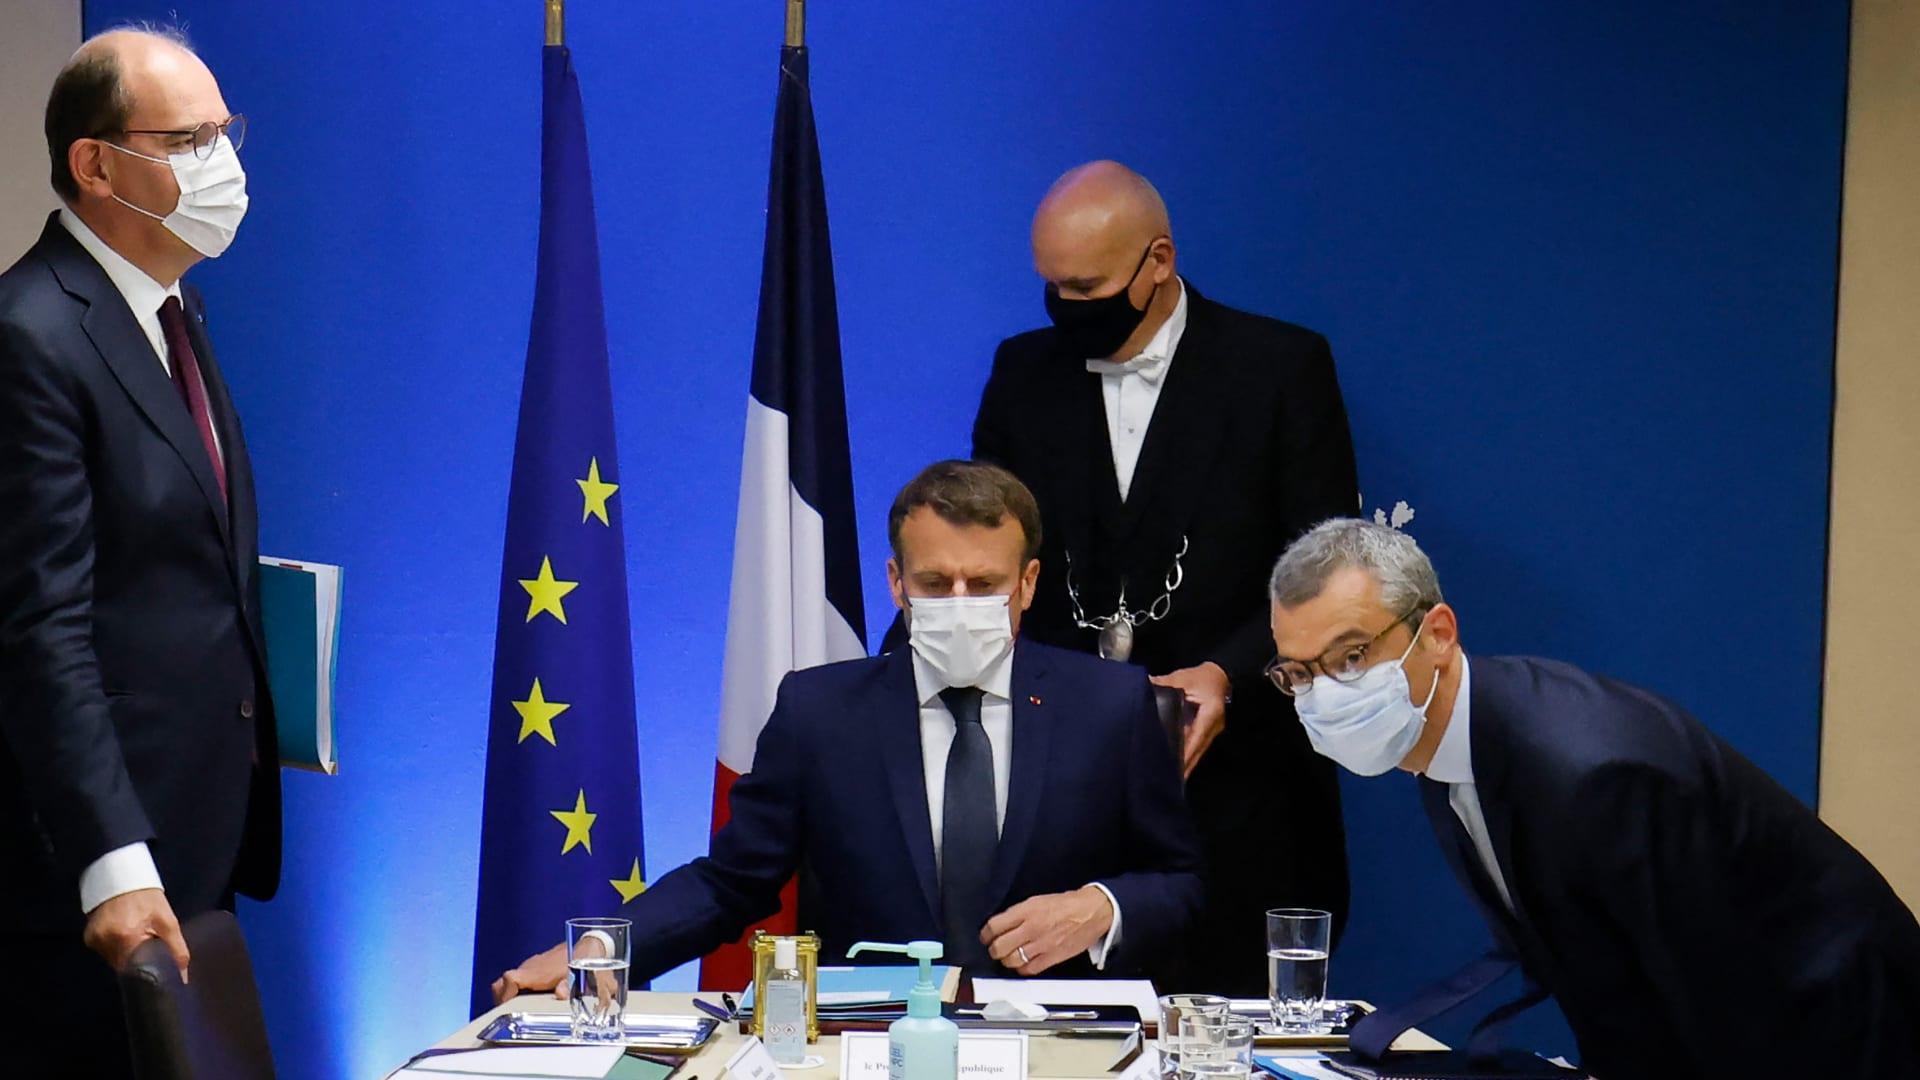 د الرئيس الفرنسي إيمانويل ماكرون